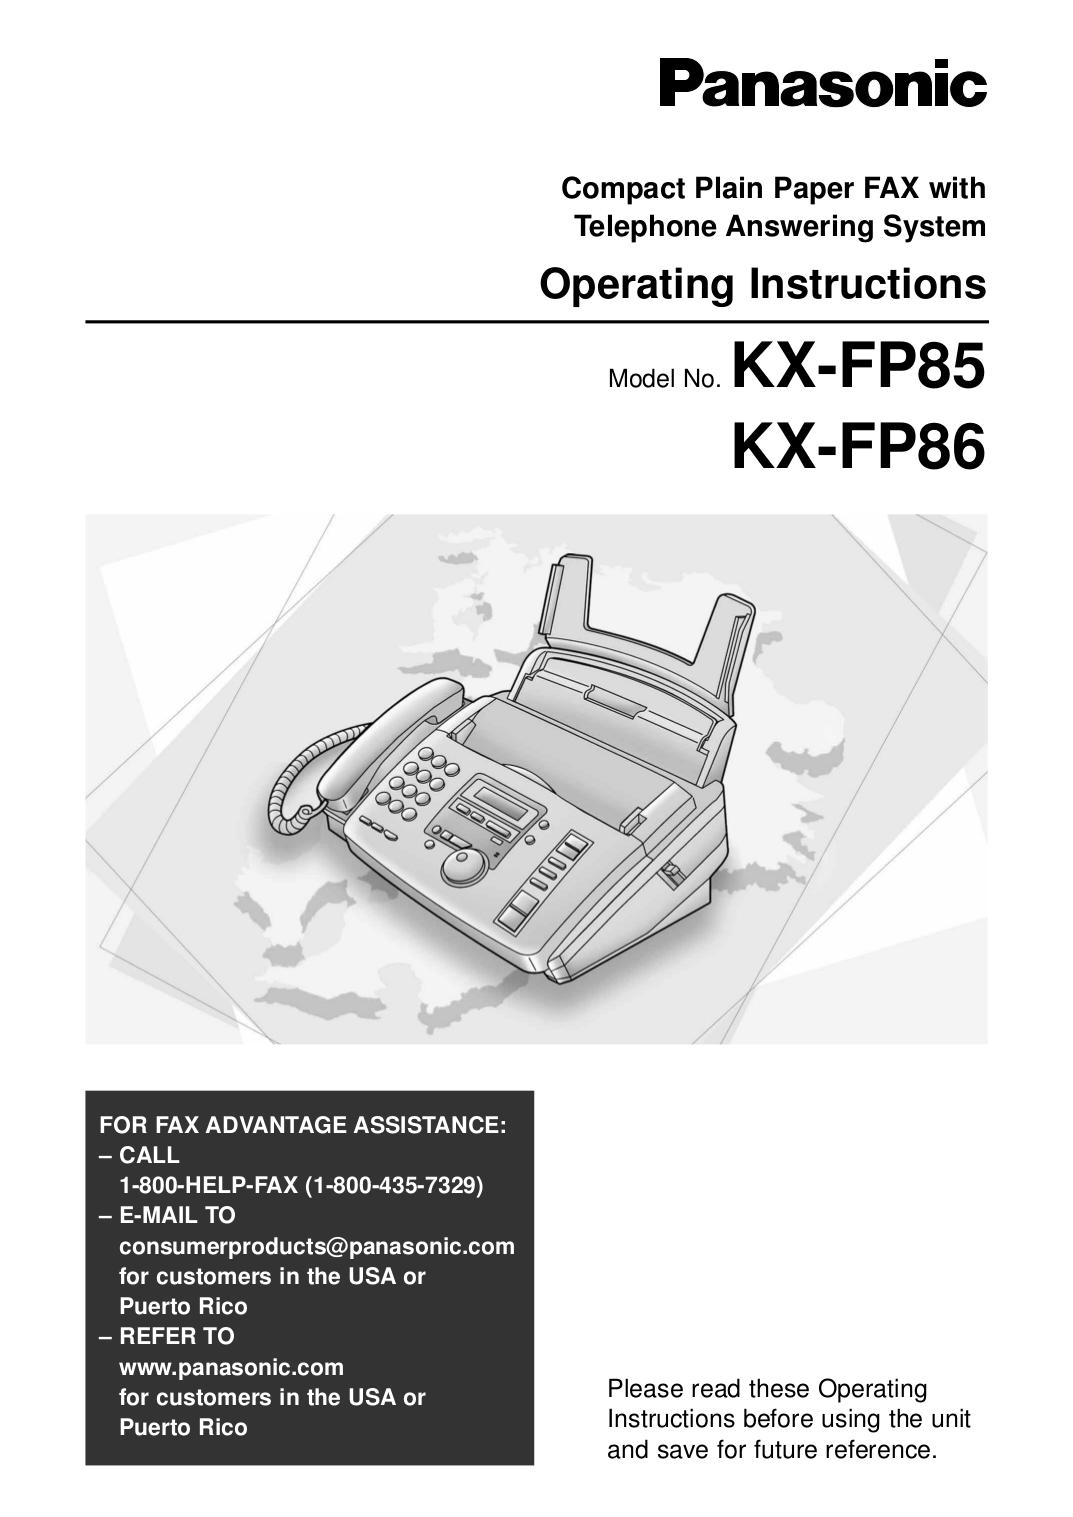 download free pdf for panasonic kx fp85 fax machine manual rh umlib com panasonic kx-fl511 fax manual manual do fax panasonic kx-ft25 em portugues